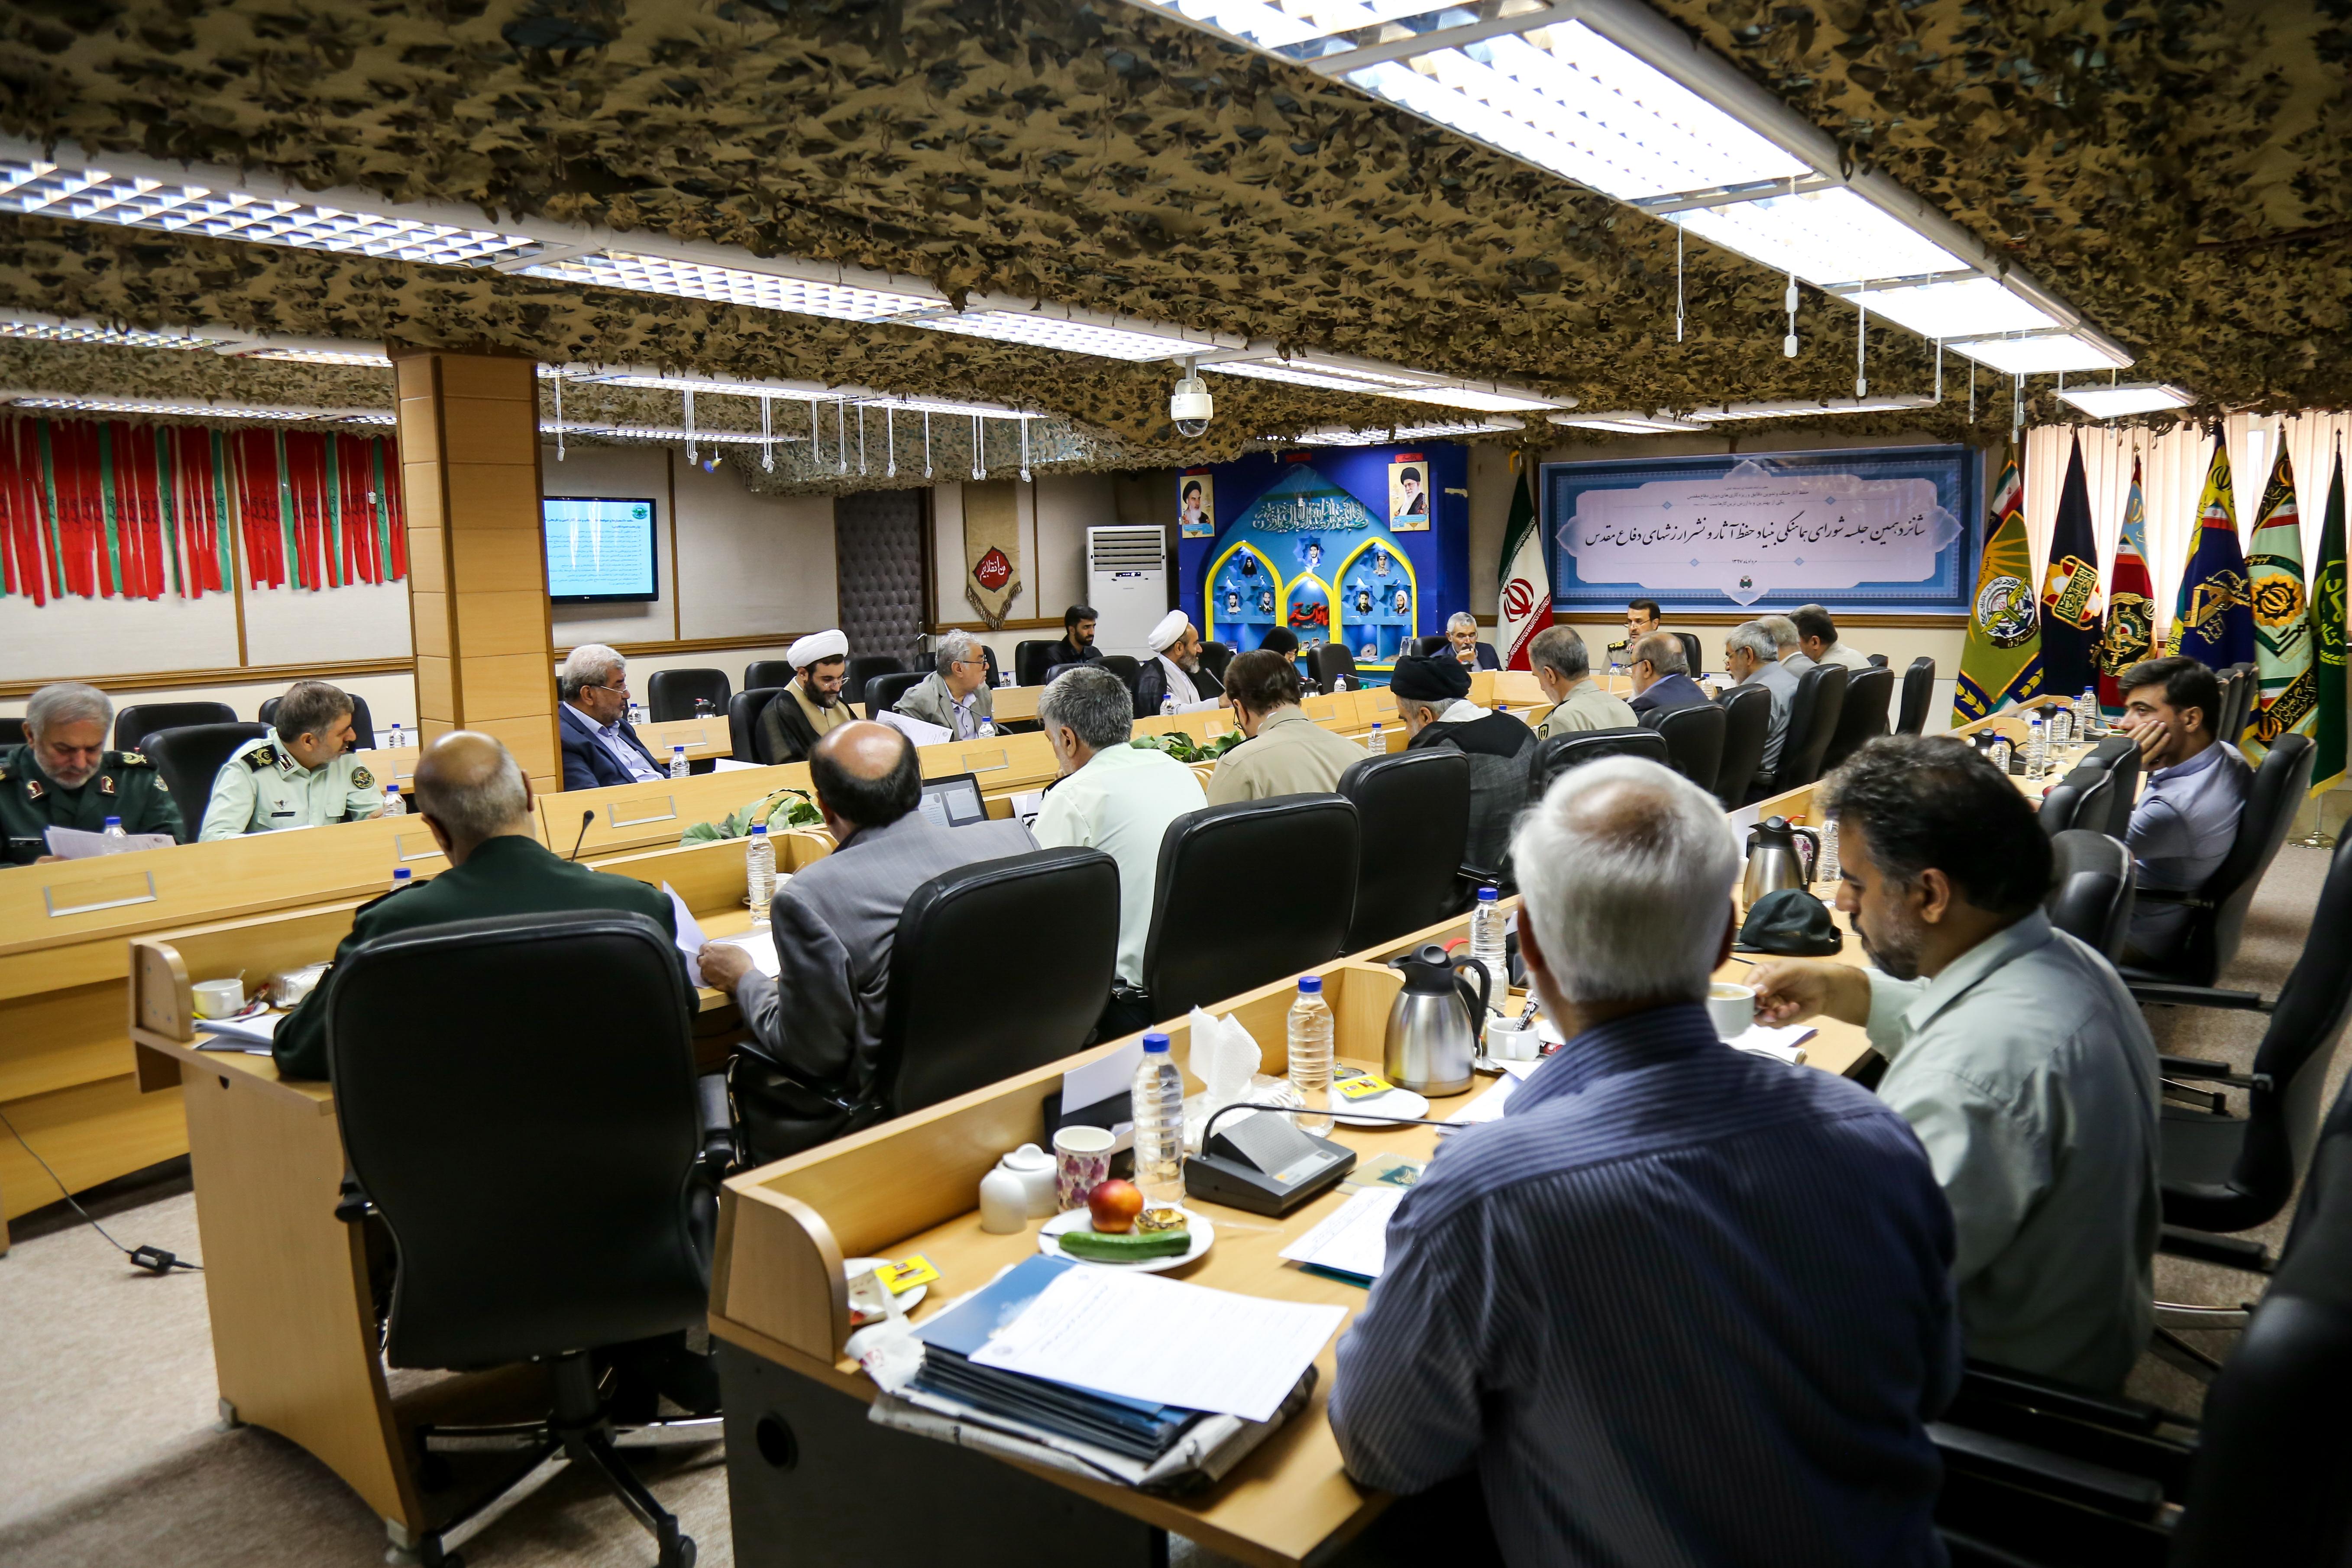 شانزدهمین جلسه شورای هماهنگی بنیاد حفظ آثار و نشر ارزشهای دفاع مقدس برگزار شد